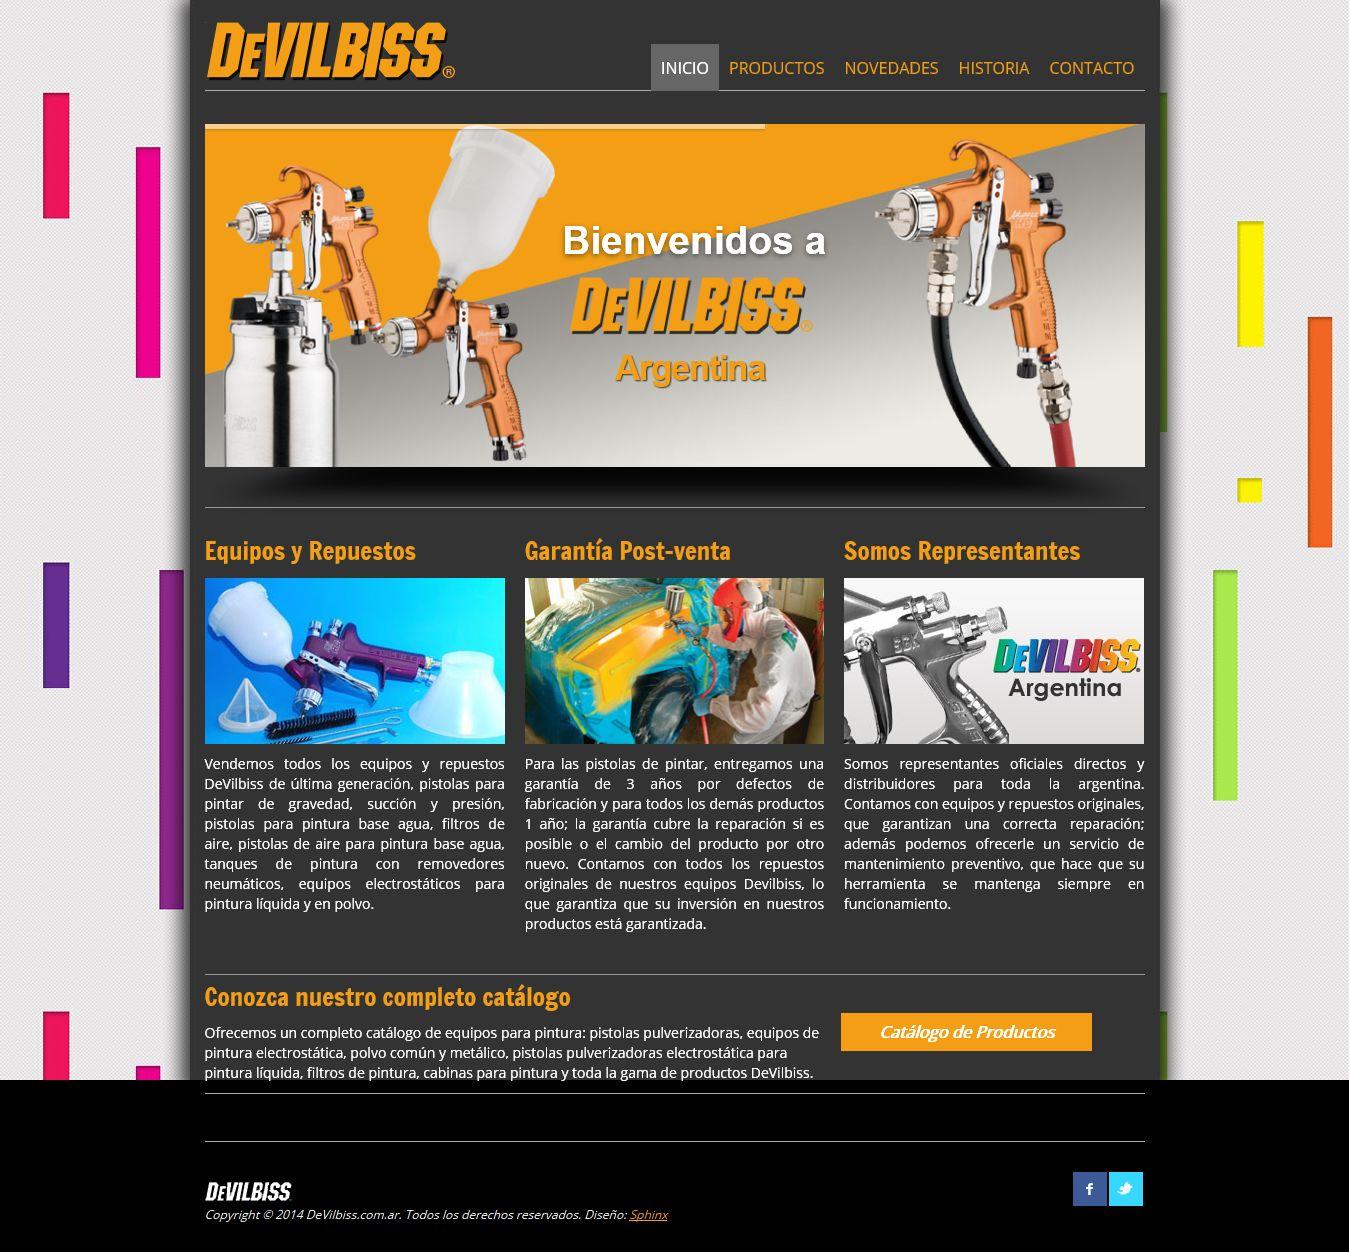 devilbiss_com_ar Portfolio